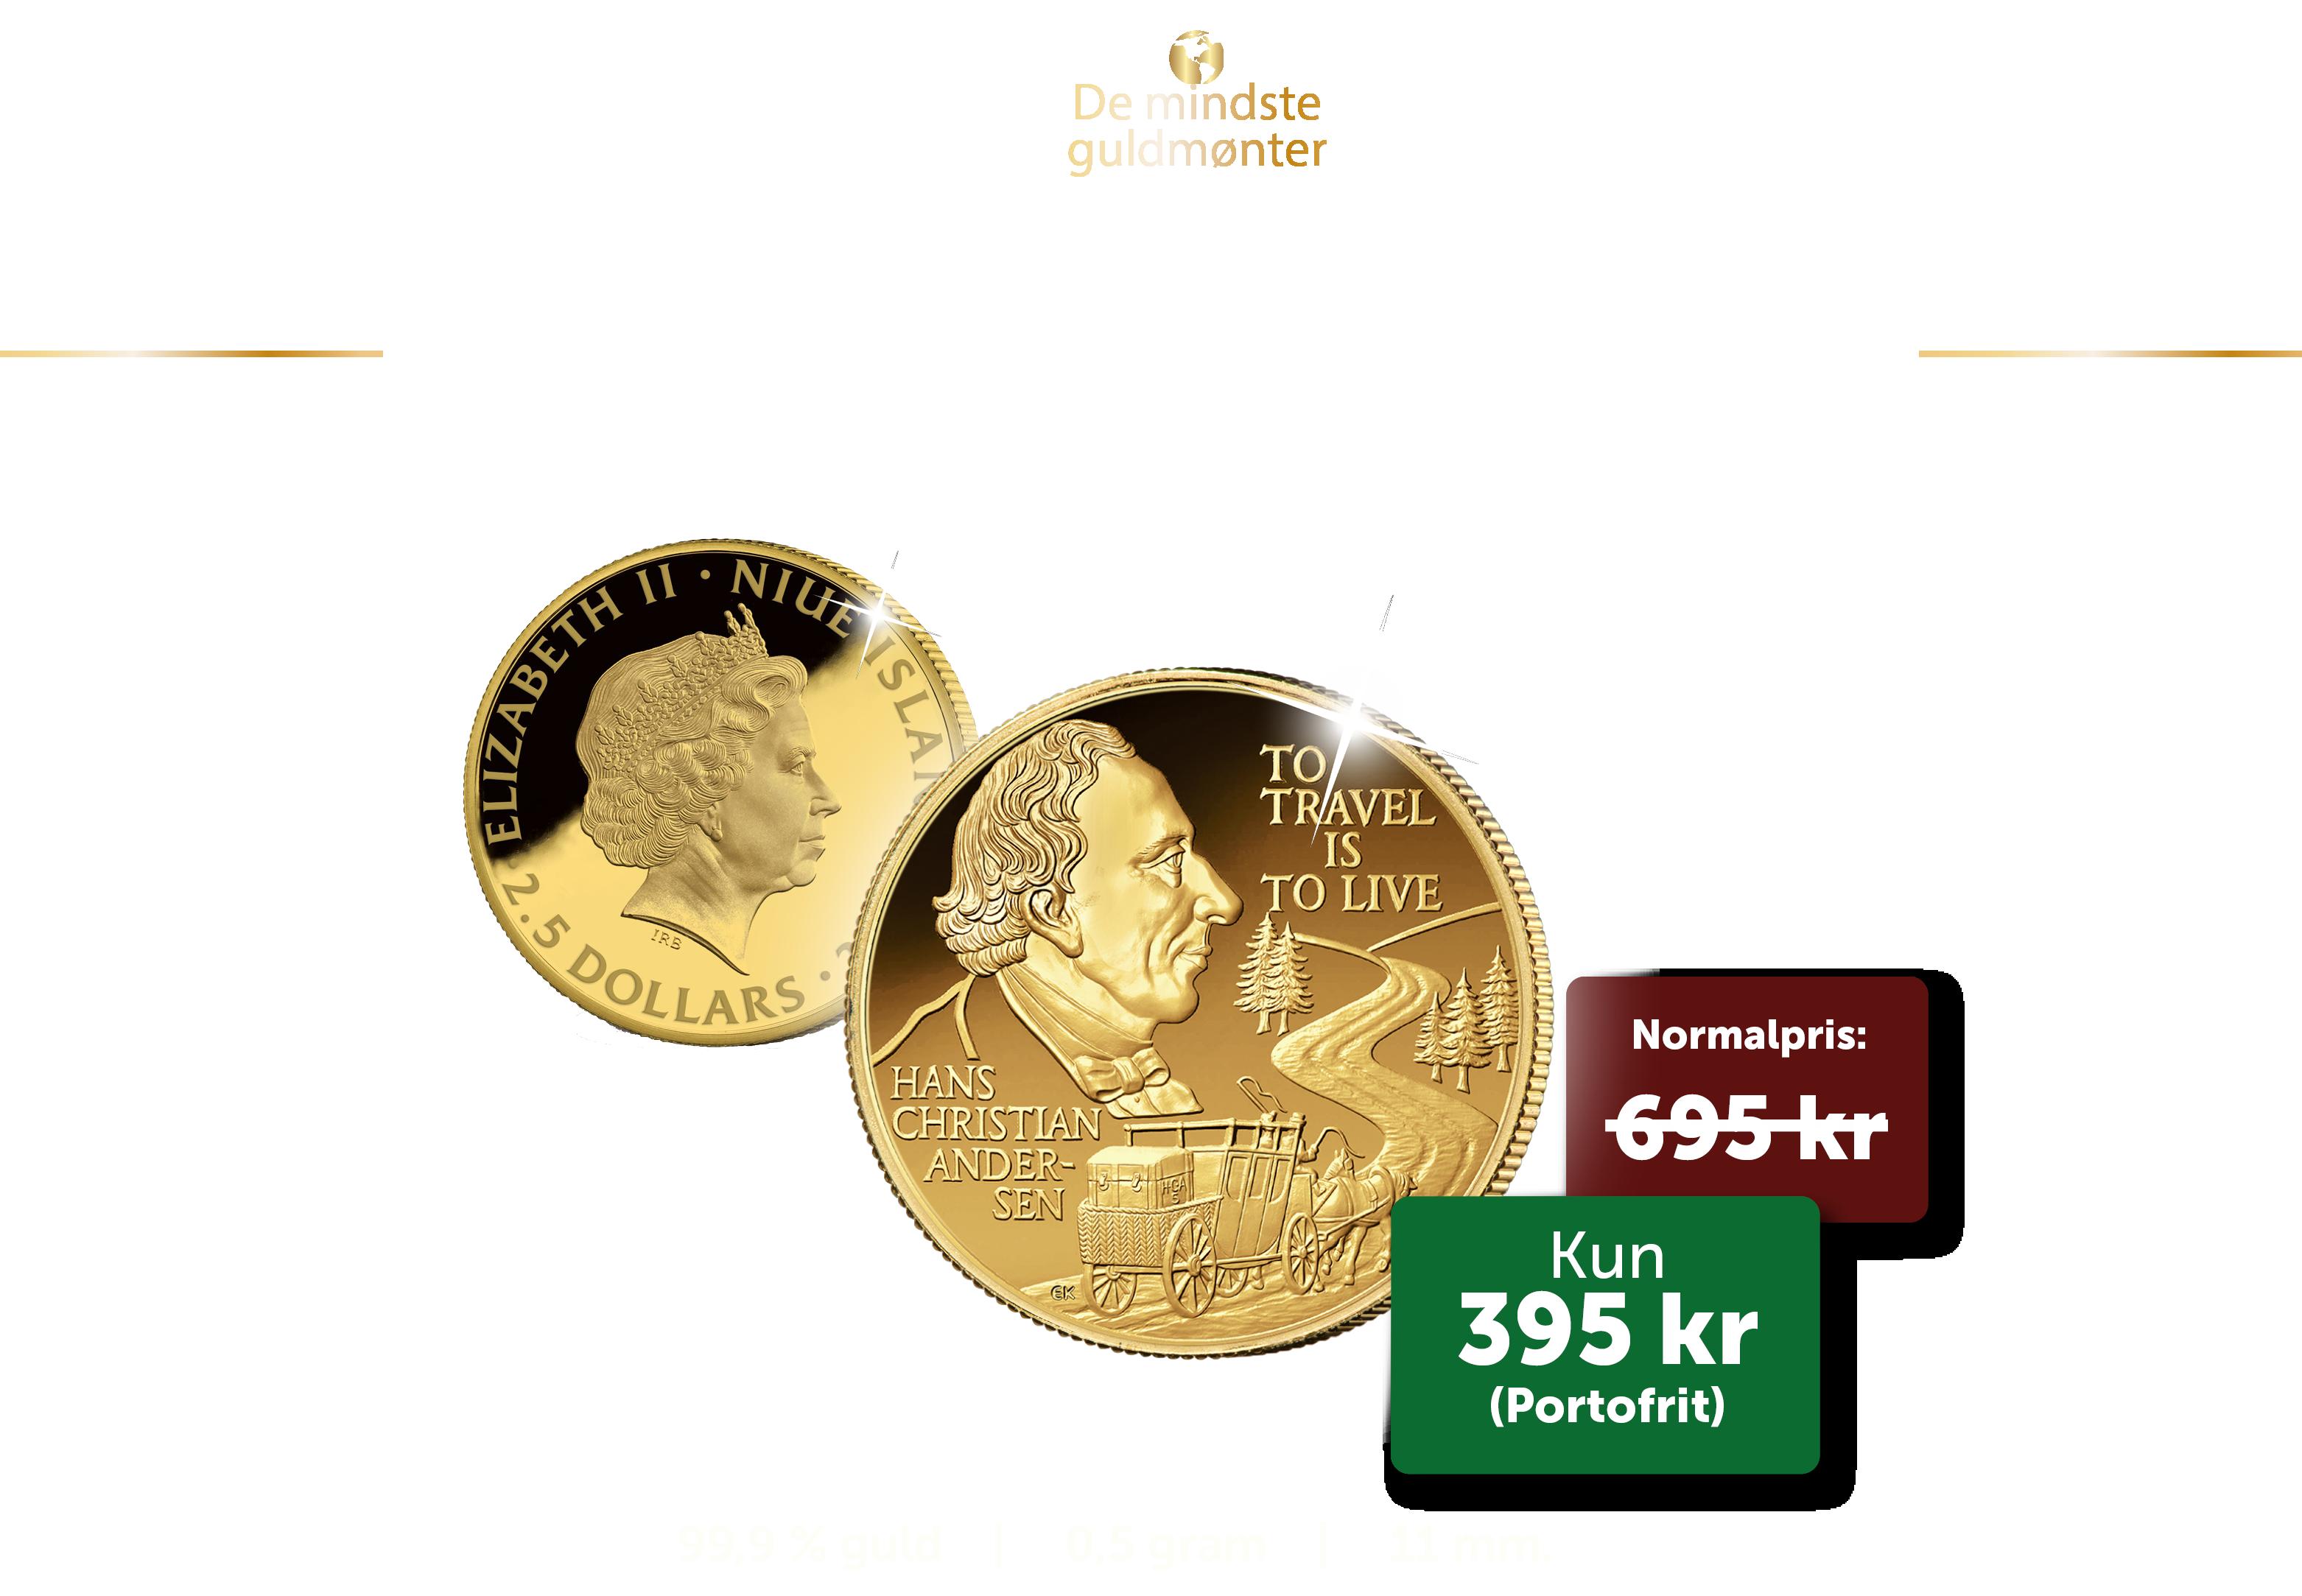 De mindste guldmønter - 16 mønter. Opsig, når du vil. For første gang nogensinde med H.C. Andersen.